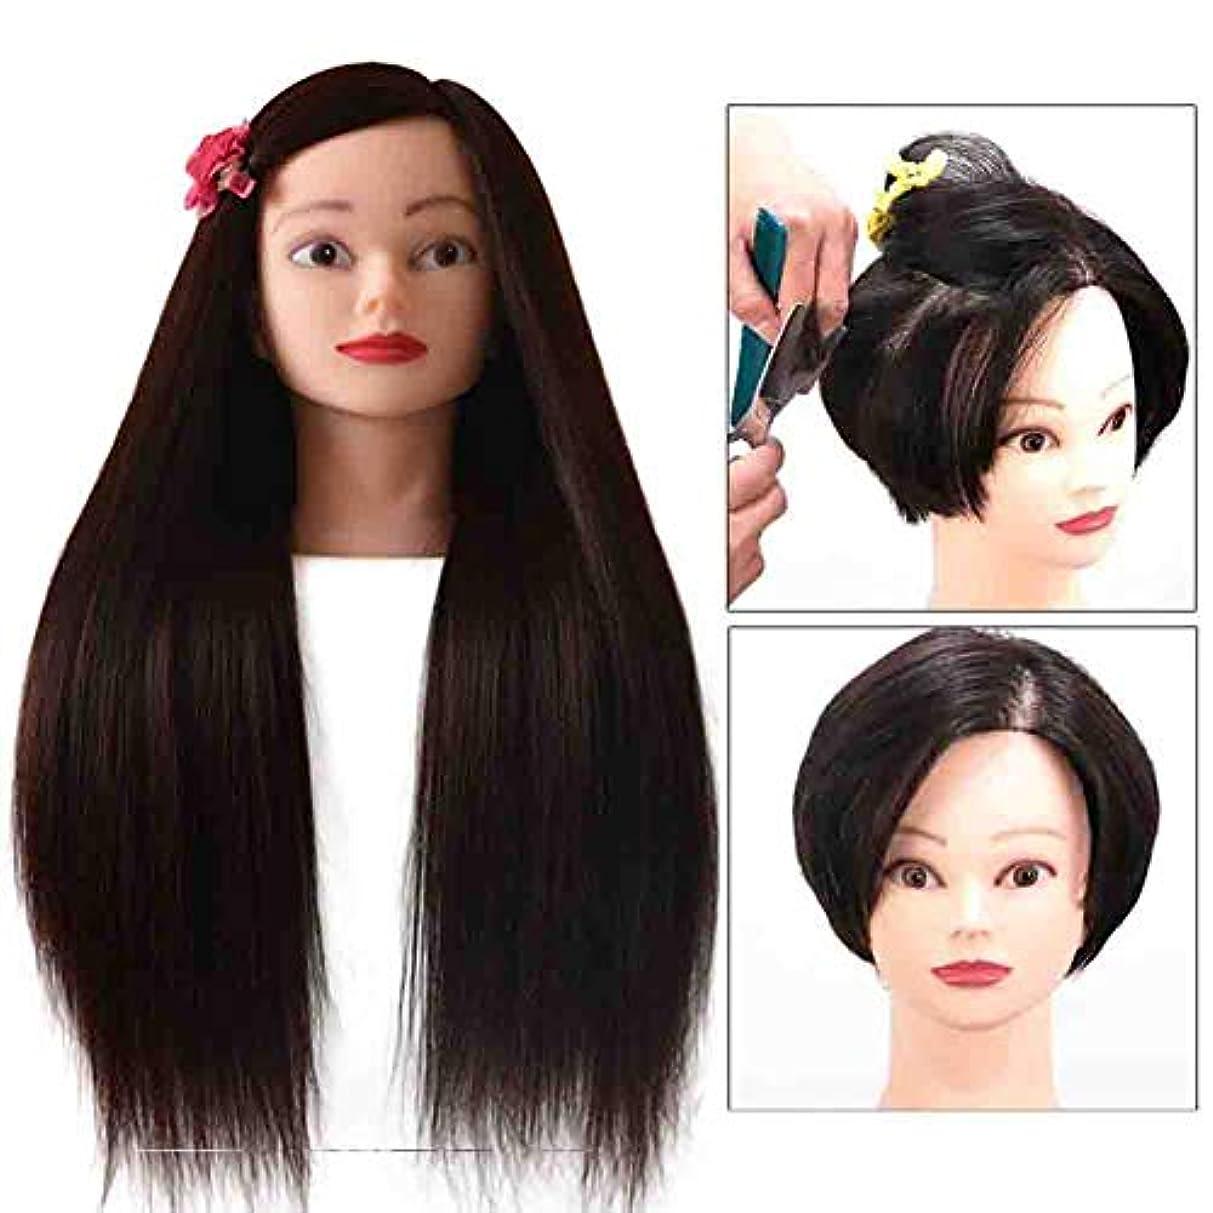 会社デンプシーアイドルトウモロコシホットシミュレーションヘアメイクヘアプレートヘアダミー練習ヘッド金型理髪店初心者トリムヘアトレーニングヘッド